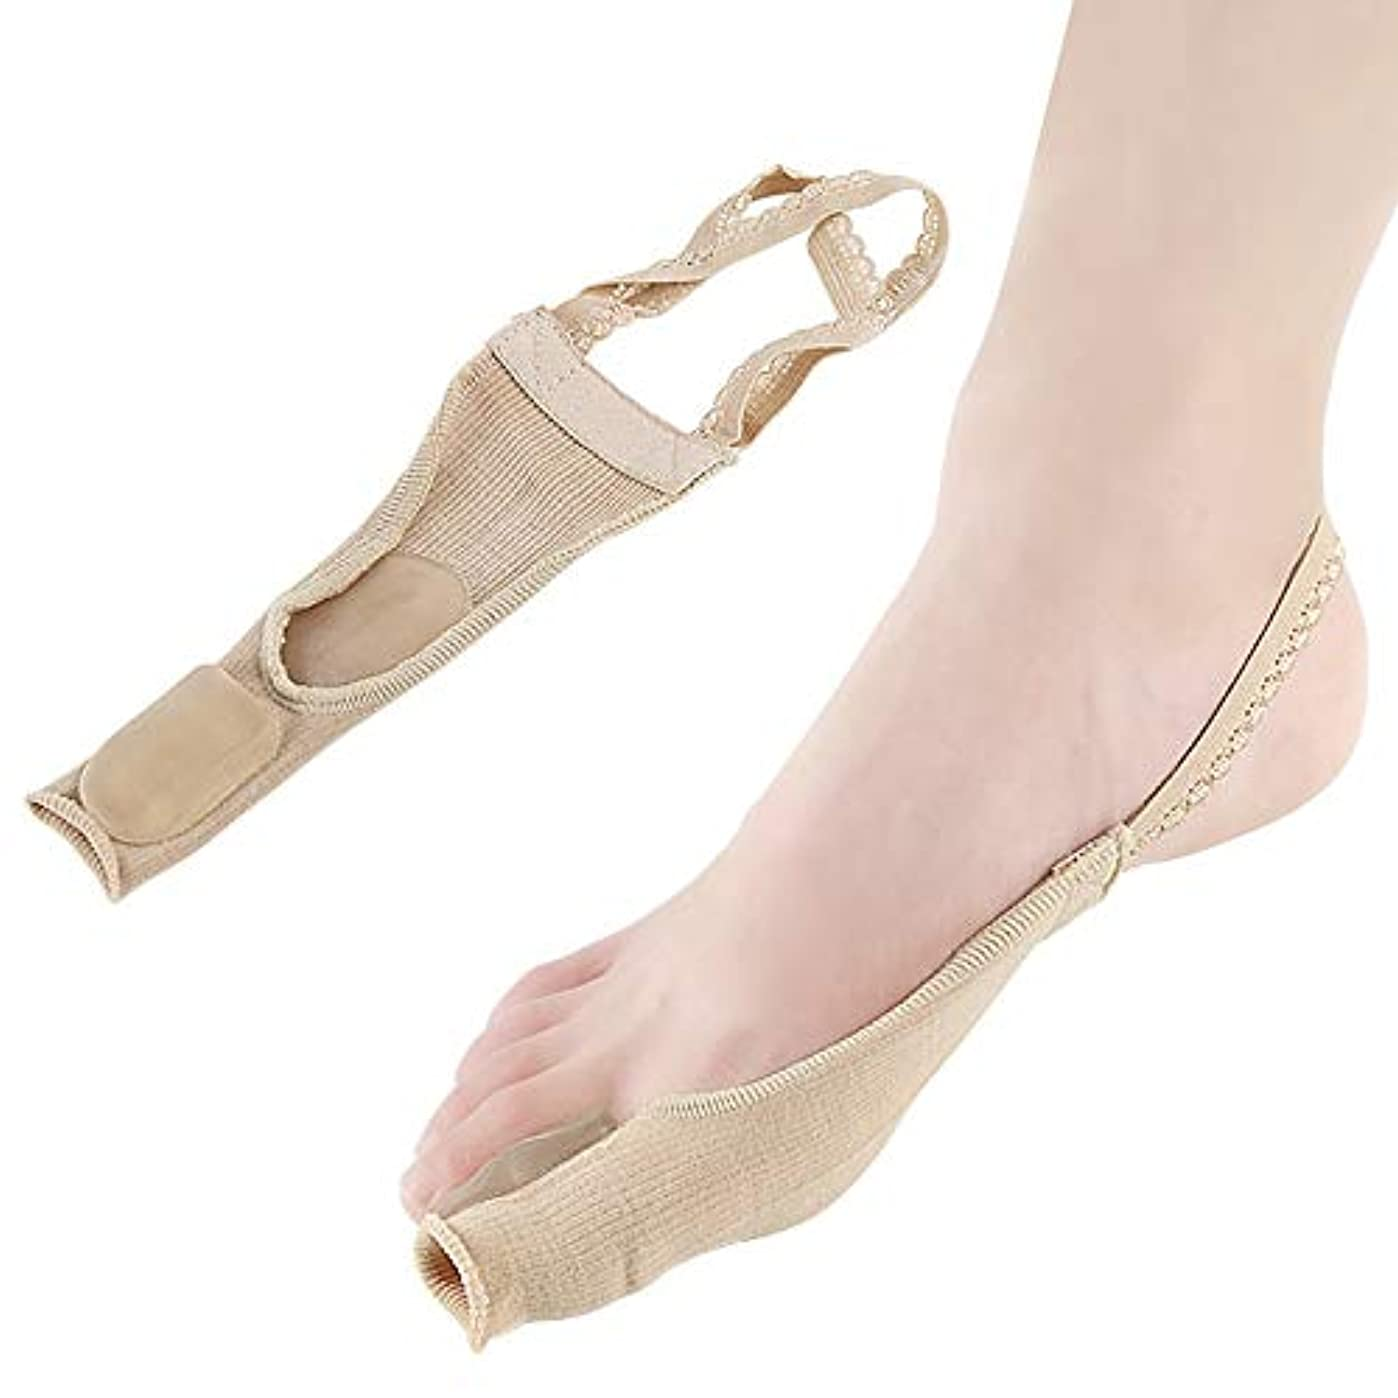 毎年できた株式会社つま先矯正靴下ワンサイズレース防止つま先外反重複高弾性厚み減衰吸収汗通気性ナイロンSEBS,2Pairs